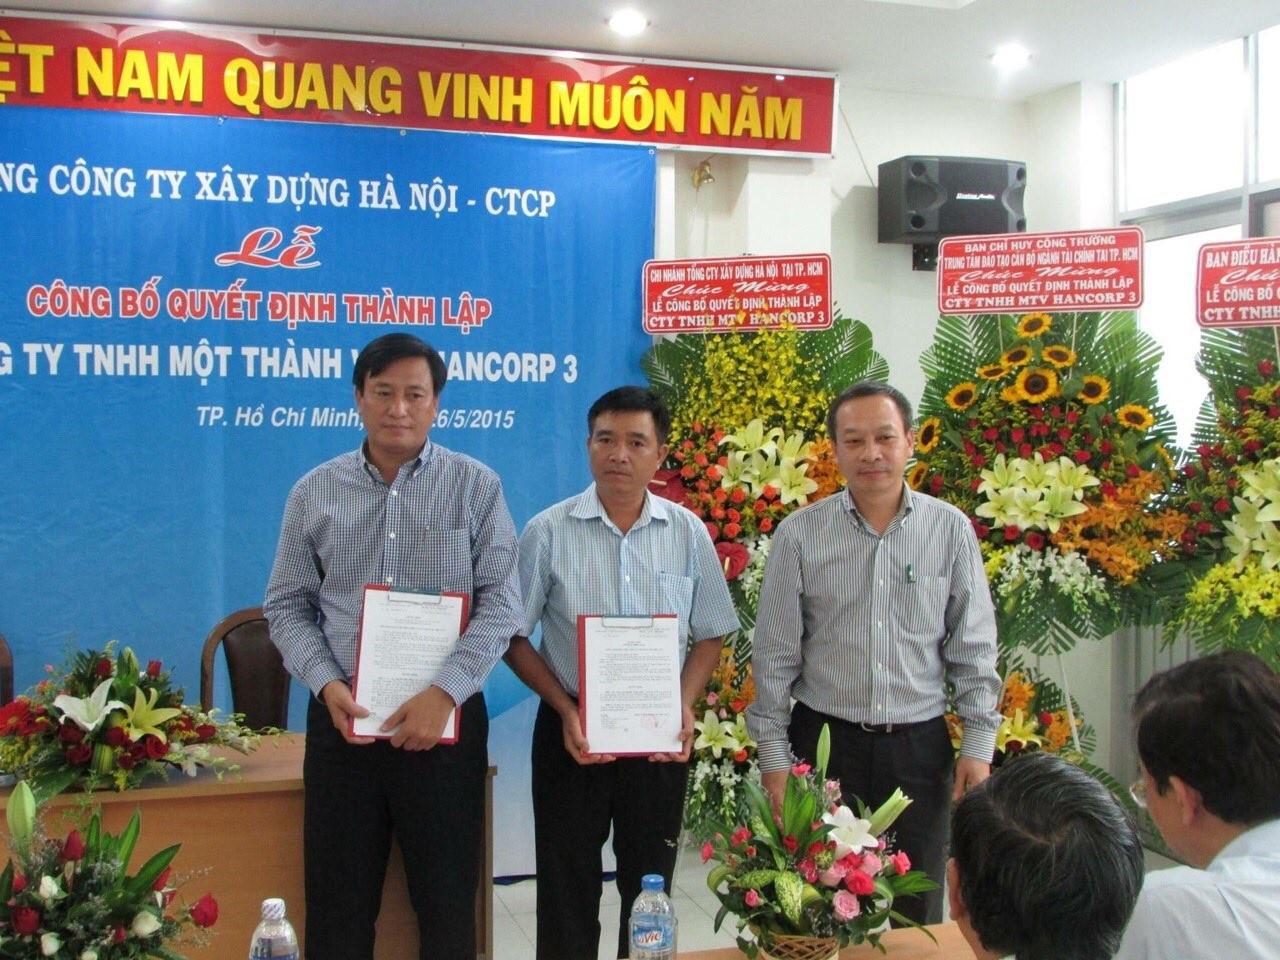 Đồng chí Nguyễn Minh Cương - Thành viên HĐQT, Phó TGĐ TCT xây dựng Hà Nội trao Quyết định cho các đồng chí trong ban lãnh đạo công ty